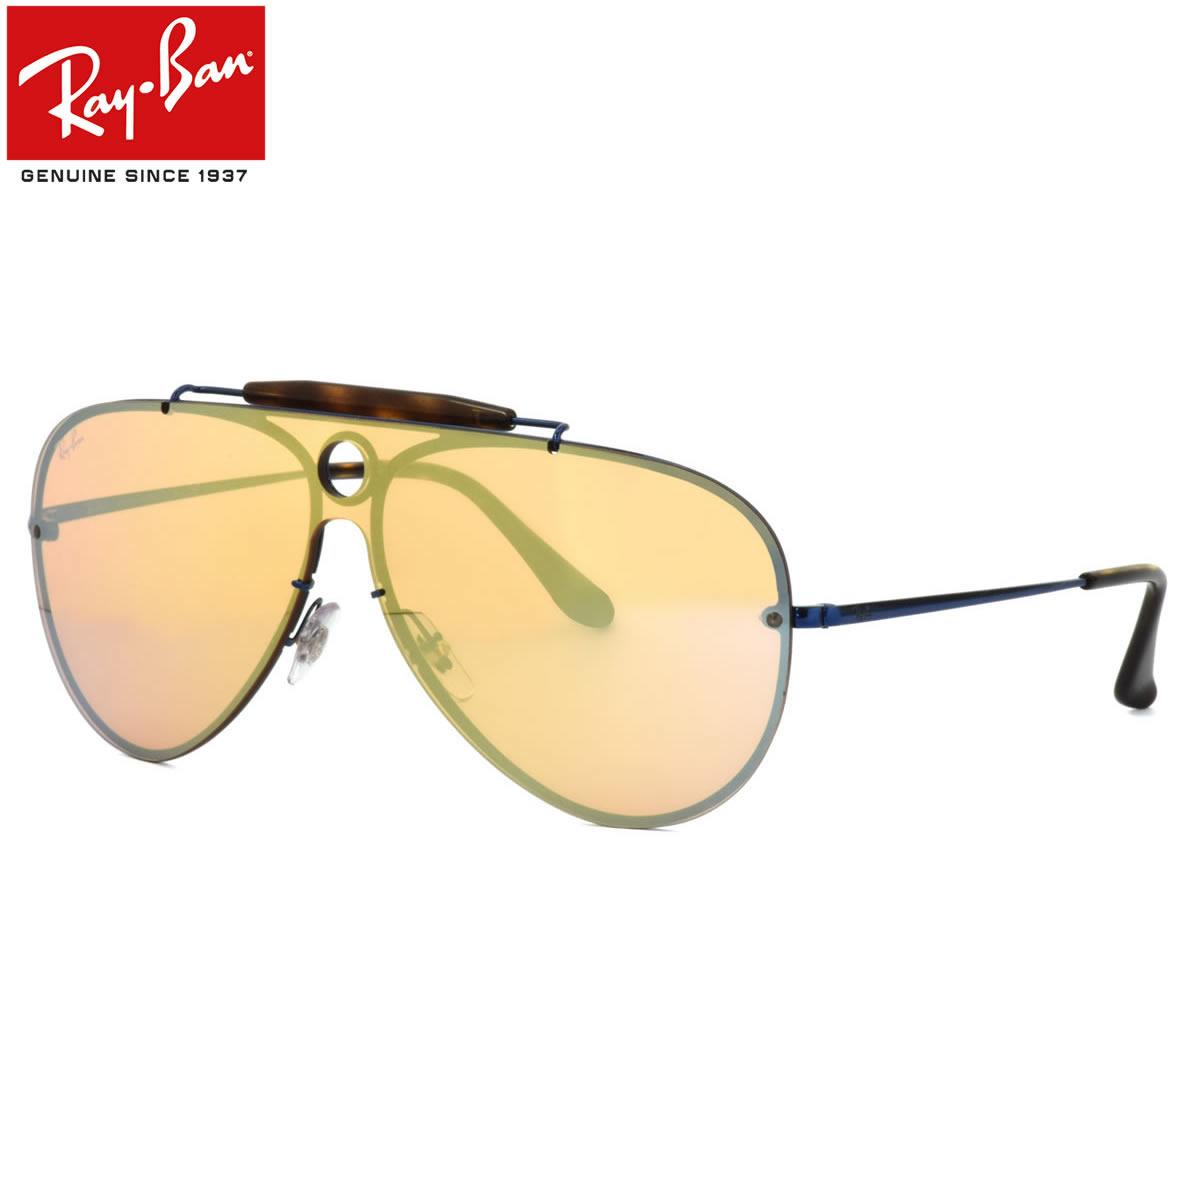 Ray-Ban レイバン サングラス RB3581N 90387J 132サイズ HIGHSTREET BLAZE SHOOTER ハイストリート ブレイズ シューター ミラー 1枚レンズ パイロット レイバン RayBan メンズ レディース